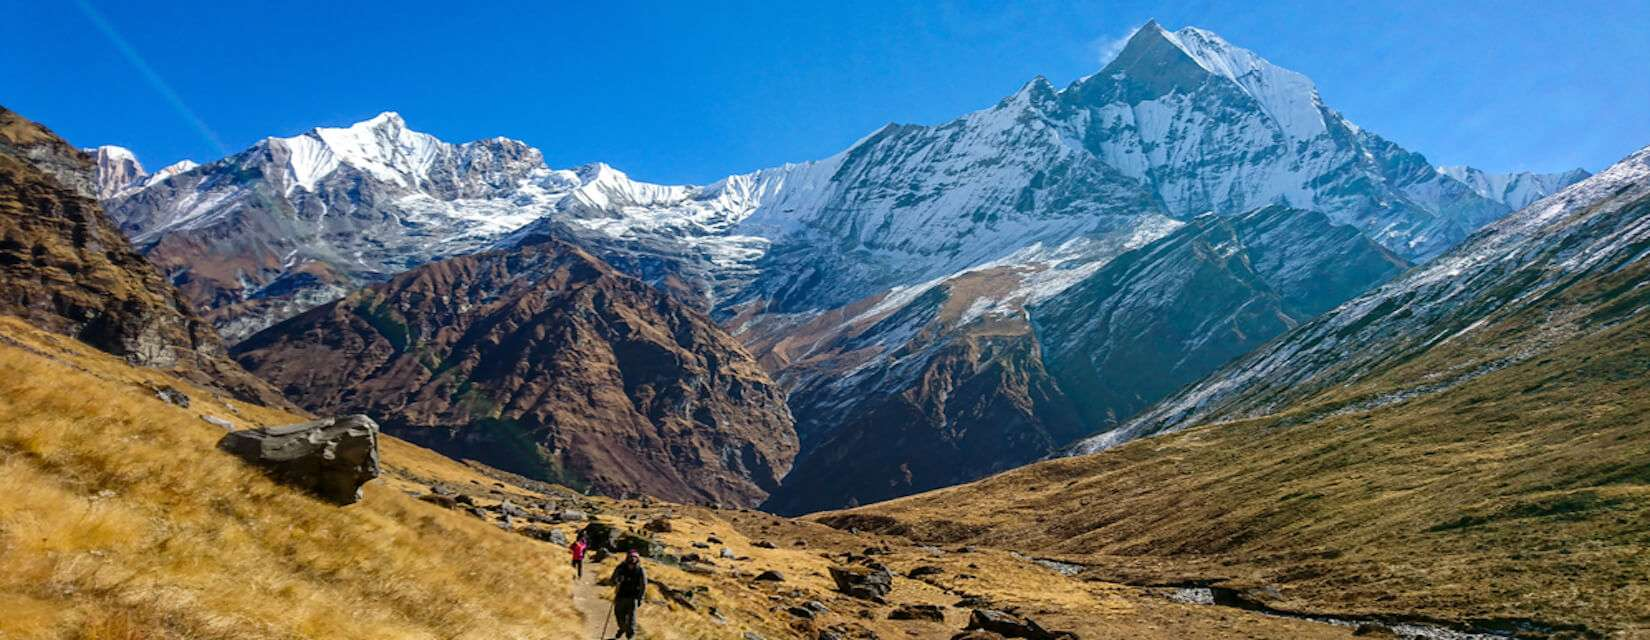 Annapurna Short Trek